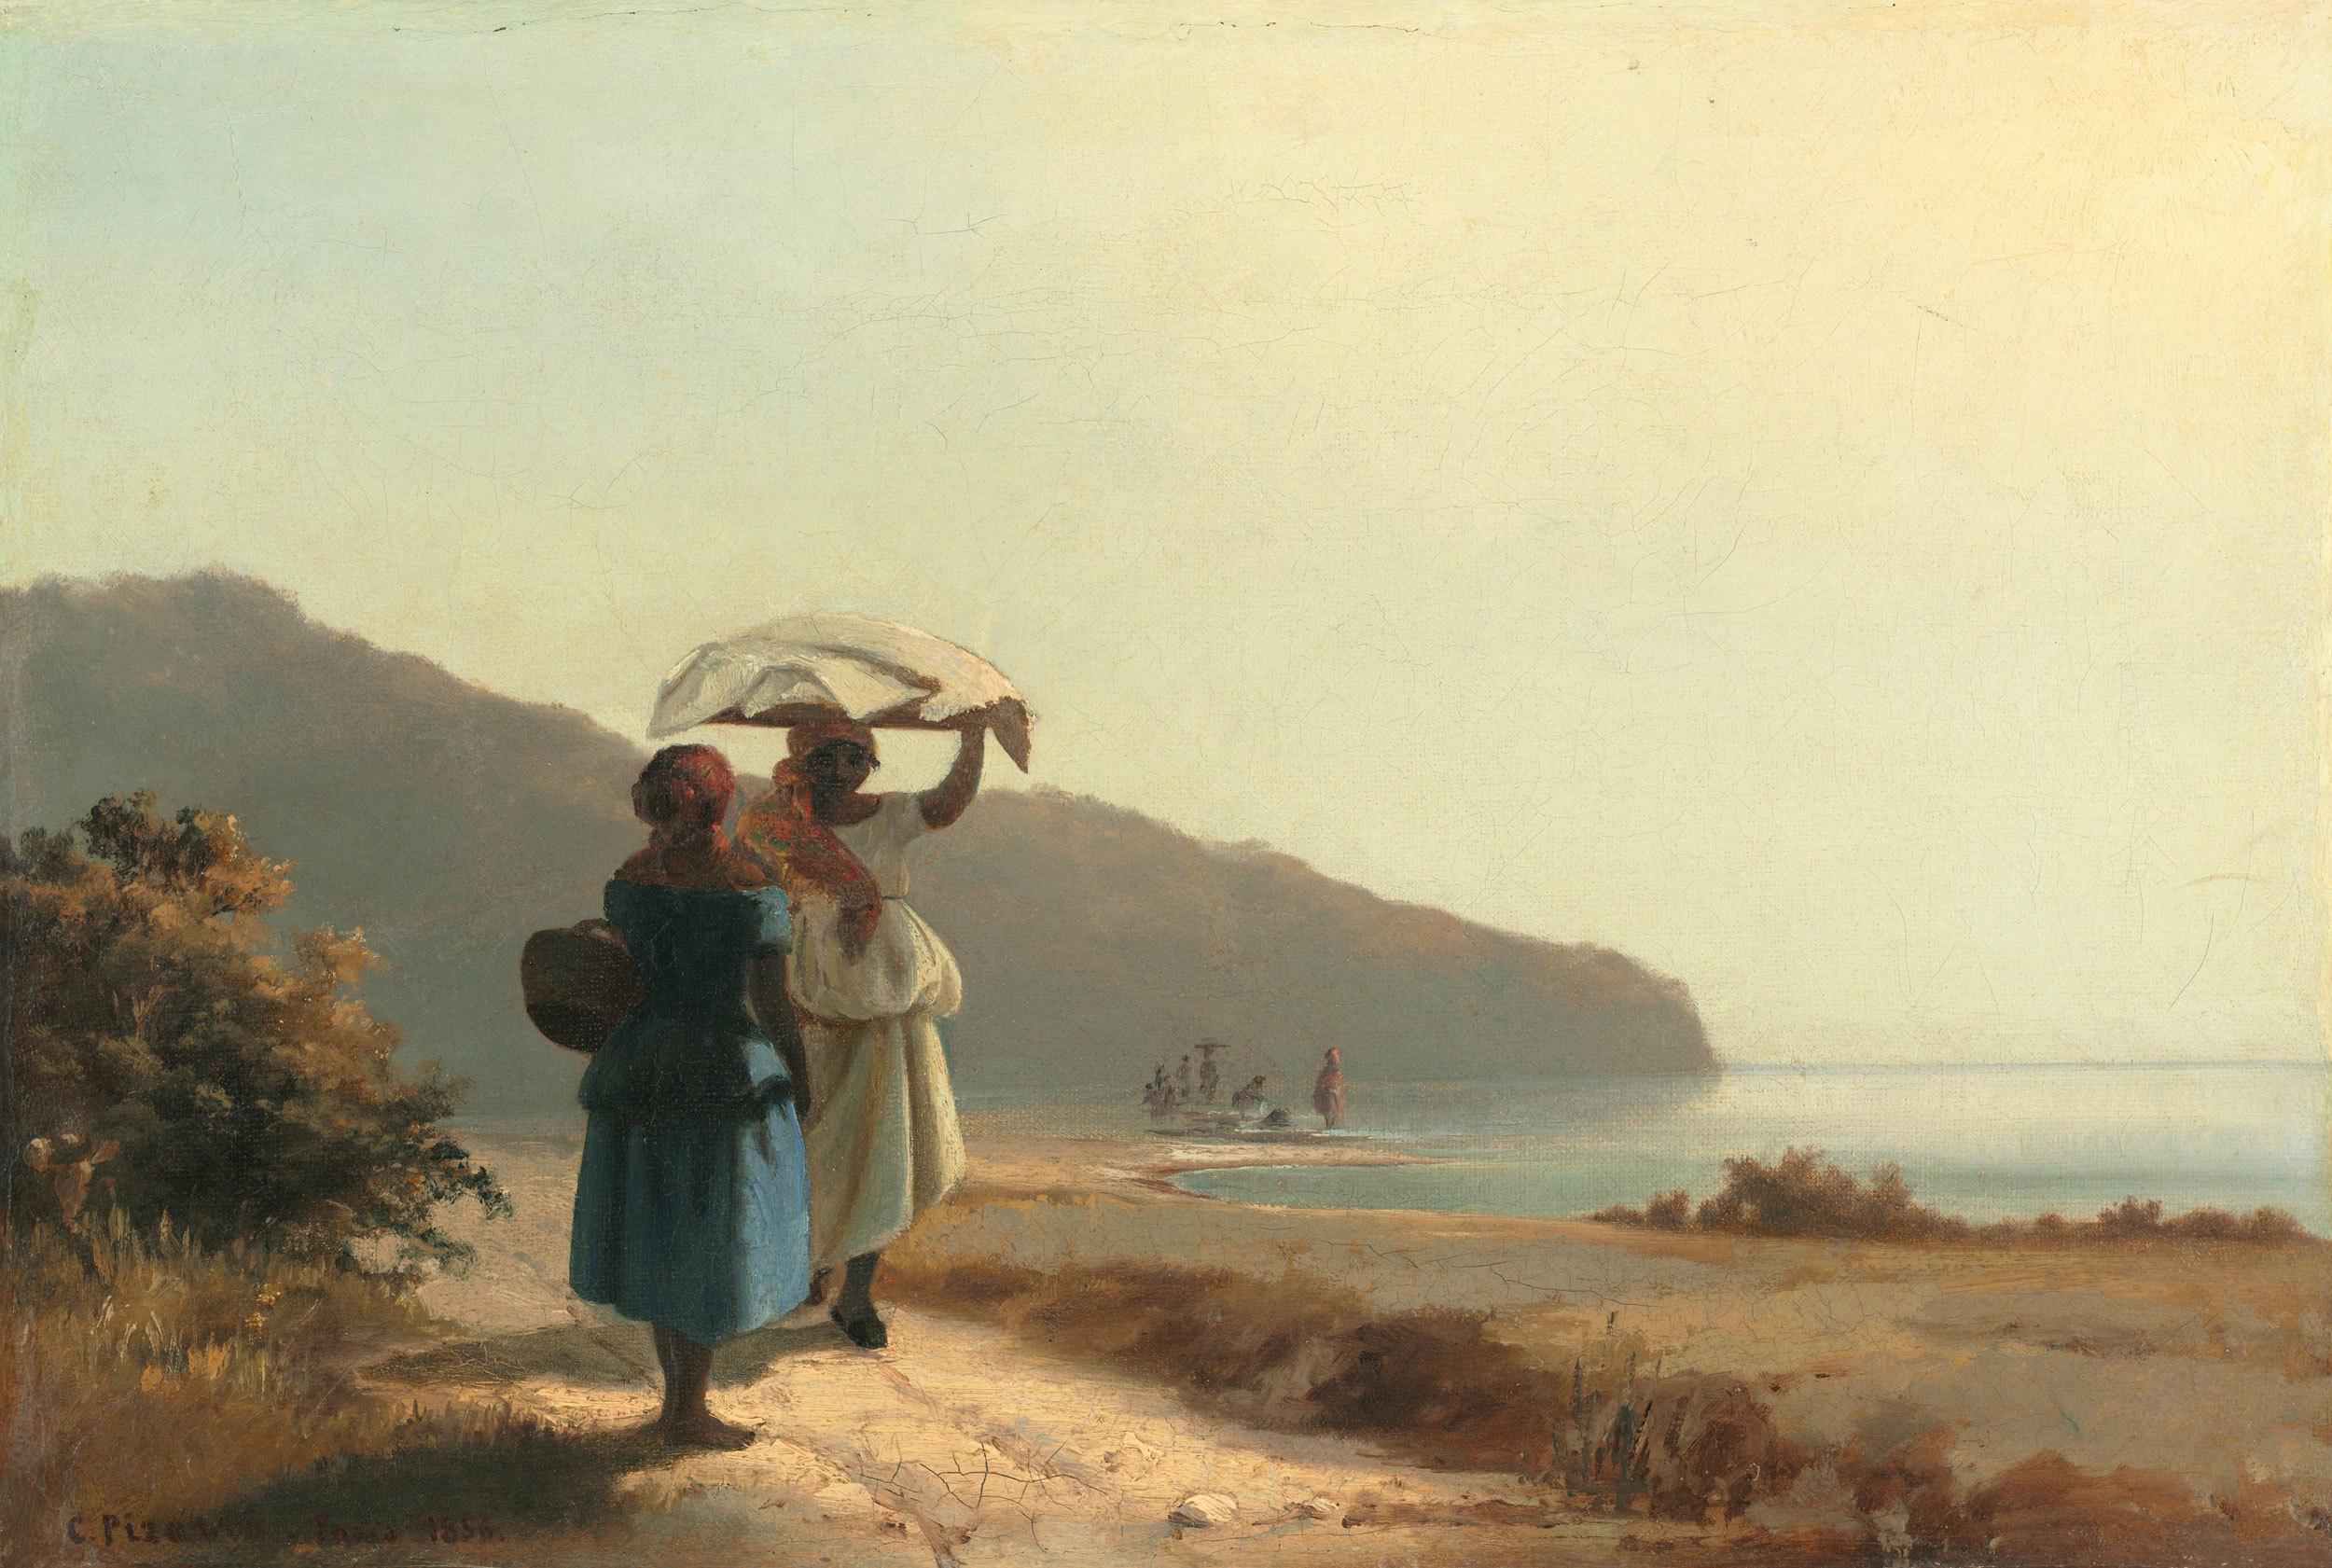 Camille Pissarro - Zwei Frauen am Meer ins Gespräch vertieft, St. Thomas, 1856, Schattenfugenrahmen braun